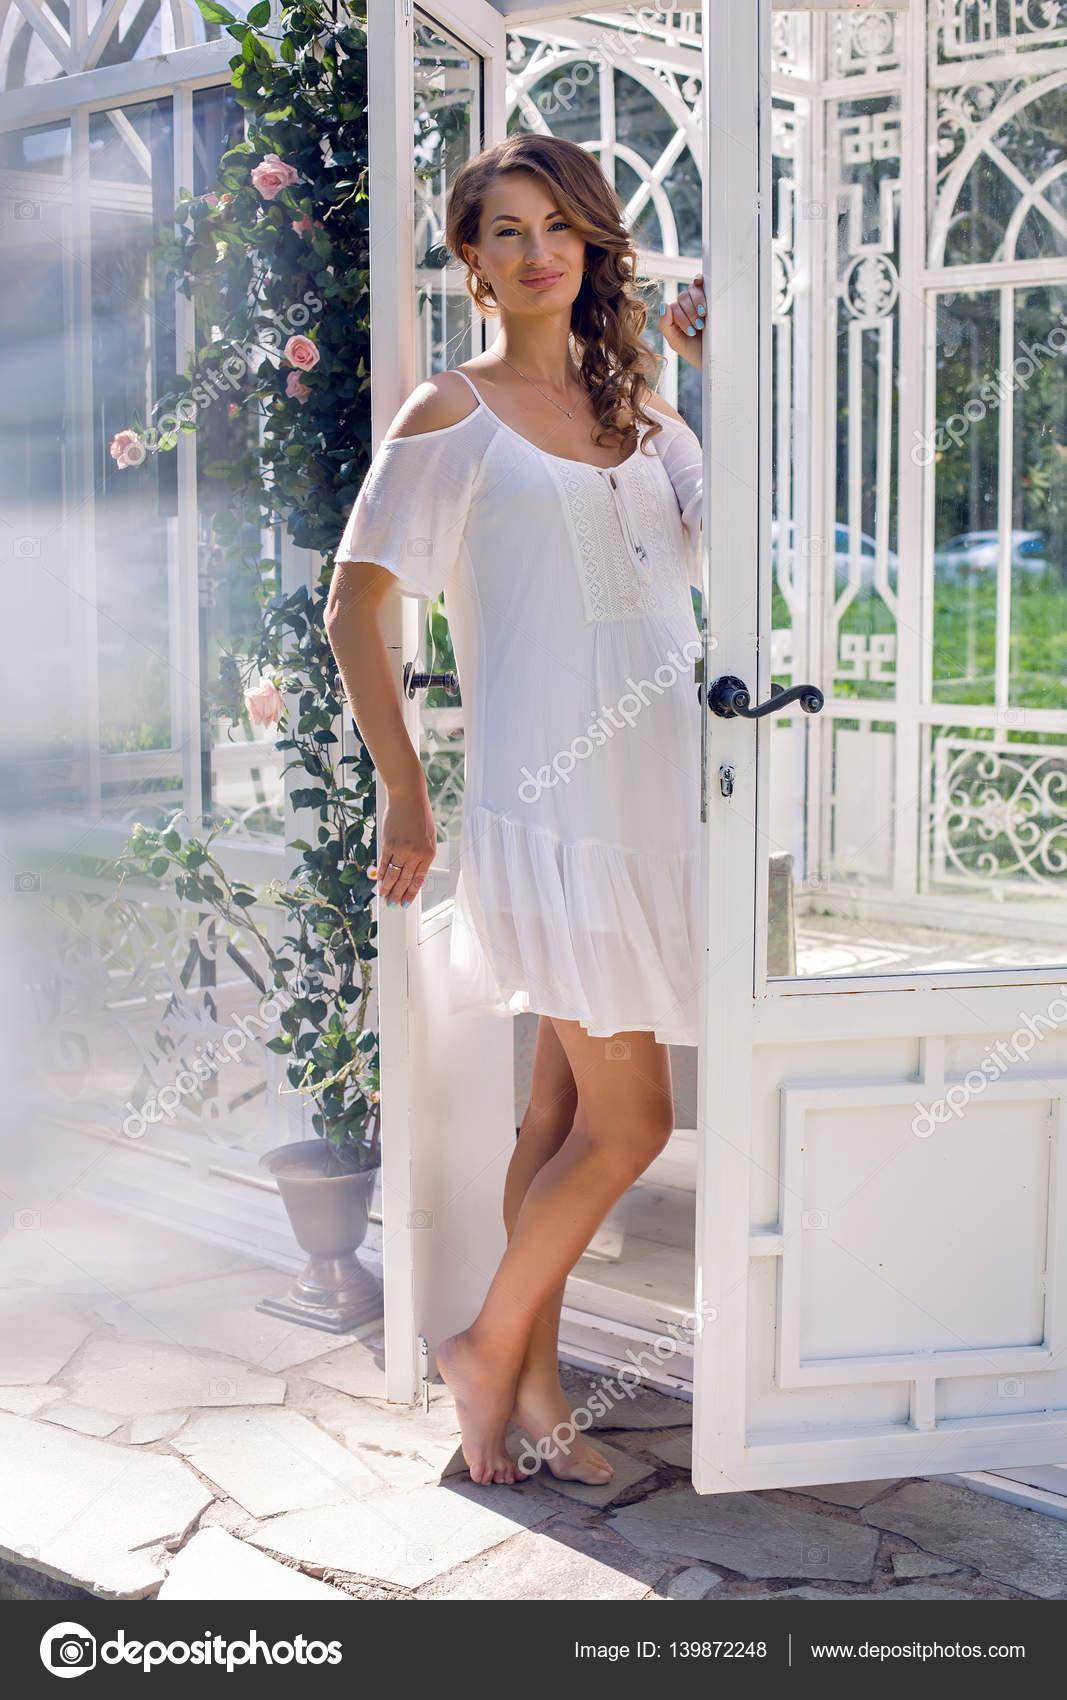 llegando replicas ropa deportiva de alto rendimiento Vestido blanco descargar | chica embarazada con un vestido ...